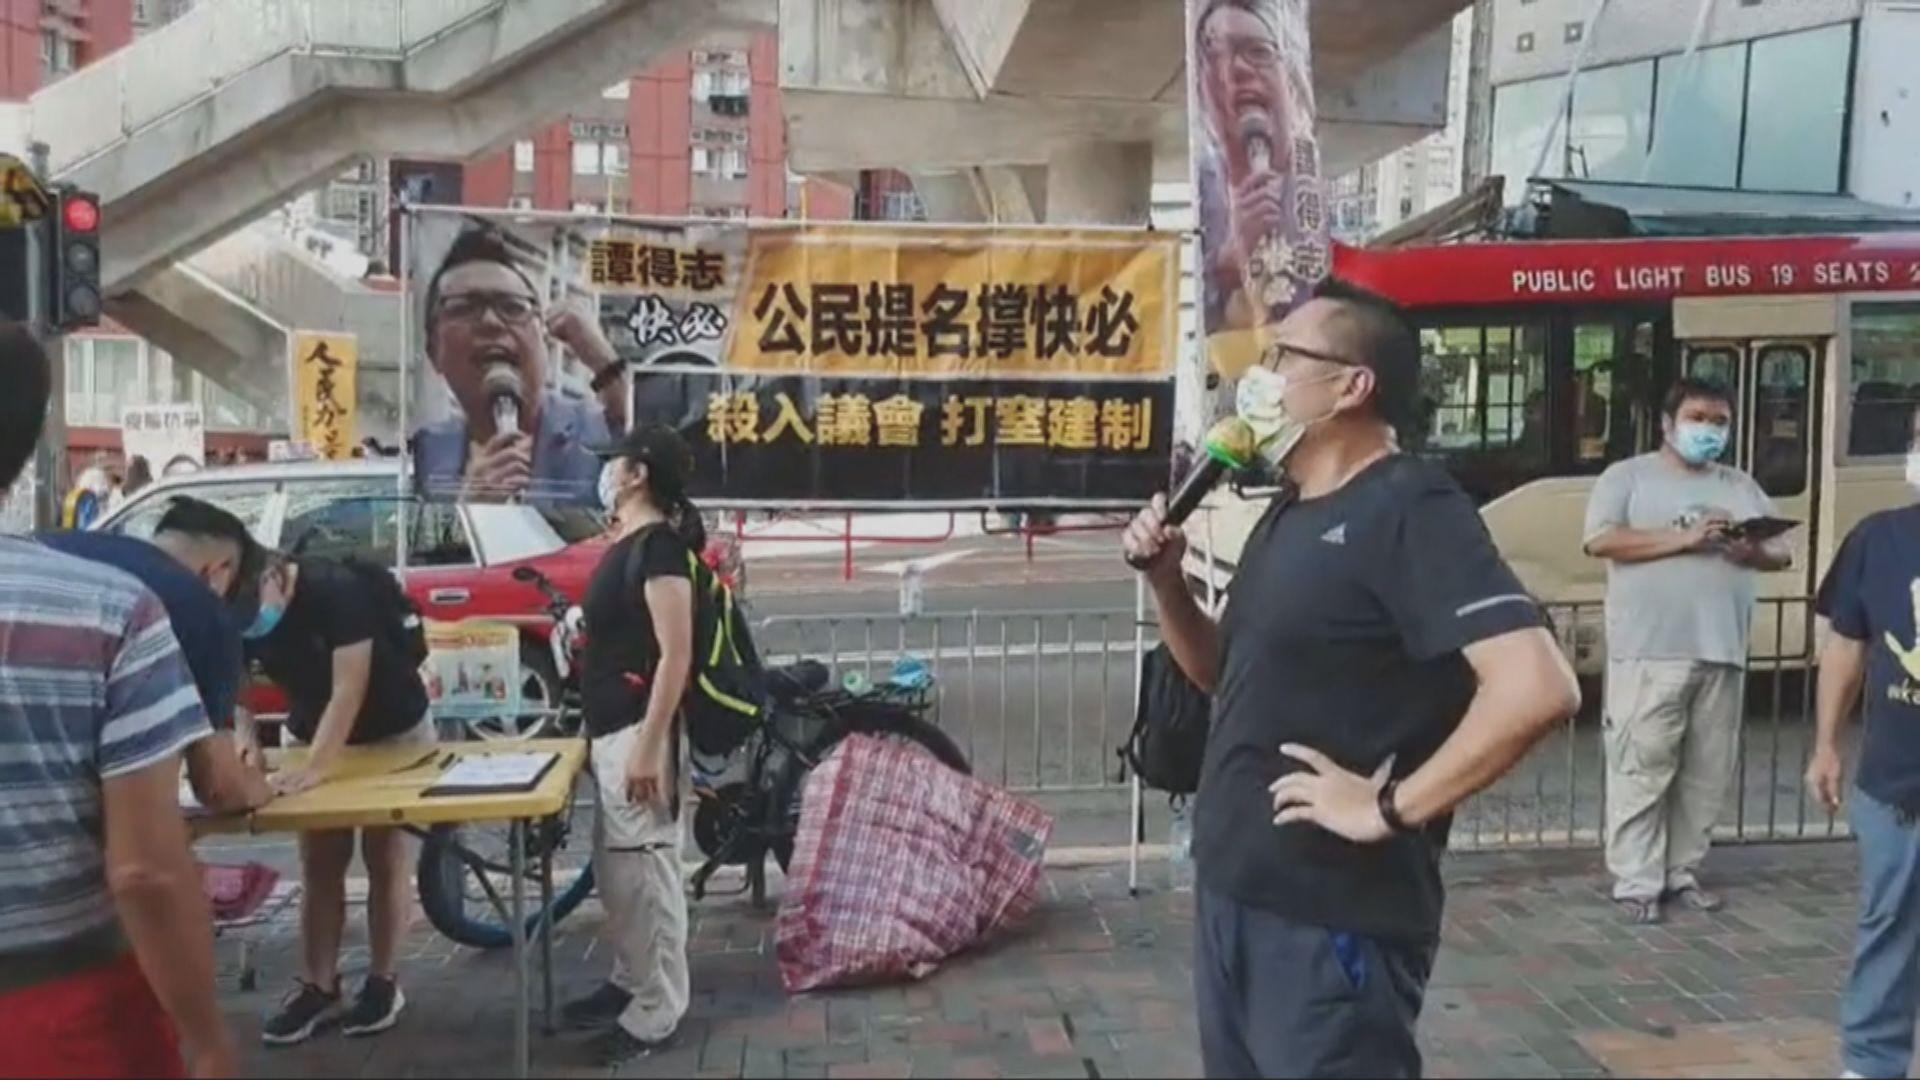 譚得志被控發表煽動文字 不准保釋還柙至11月再提訊